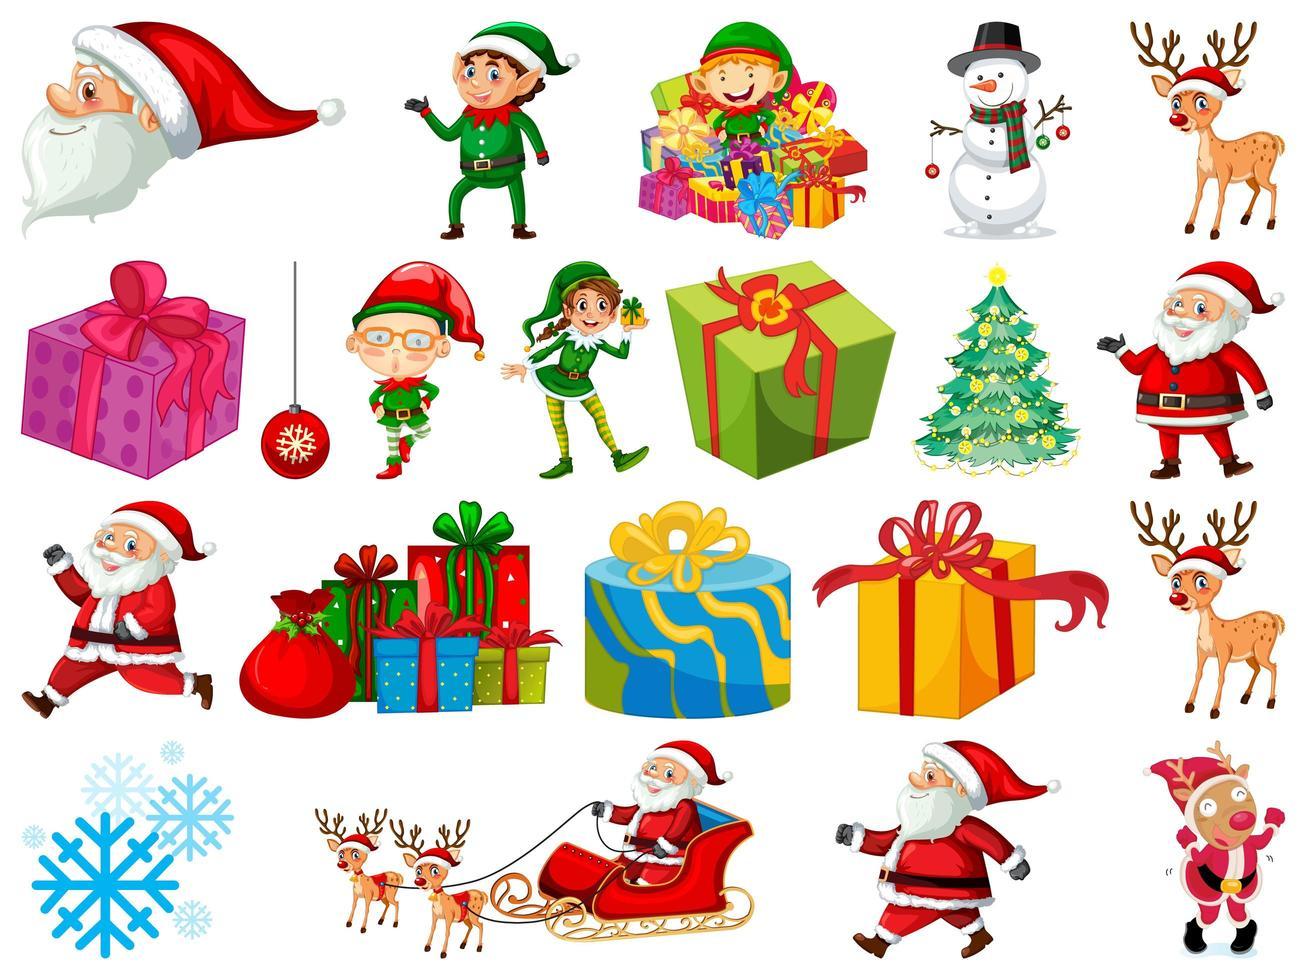 Satz Weihnachtsmann-Zeichentrickfigur und Weihnachtsobjekte lokalisiert auf weißem Hintergrund vektor